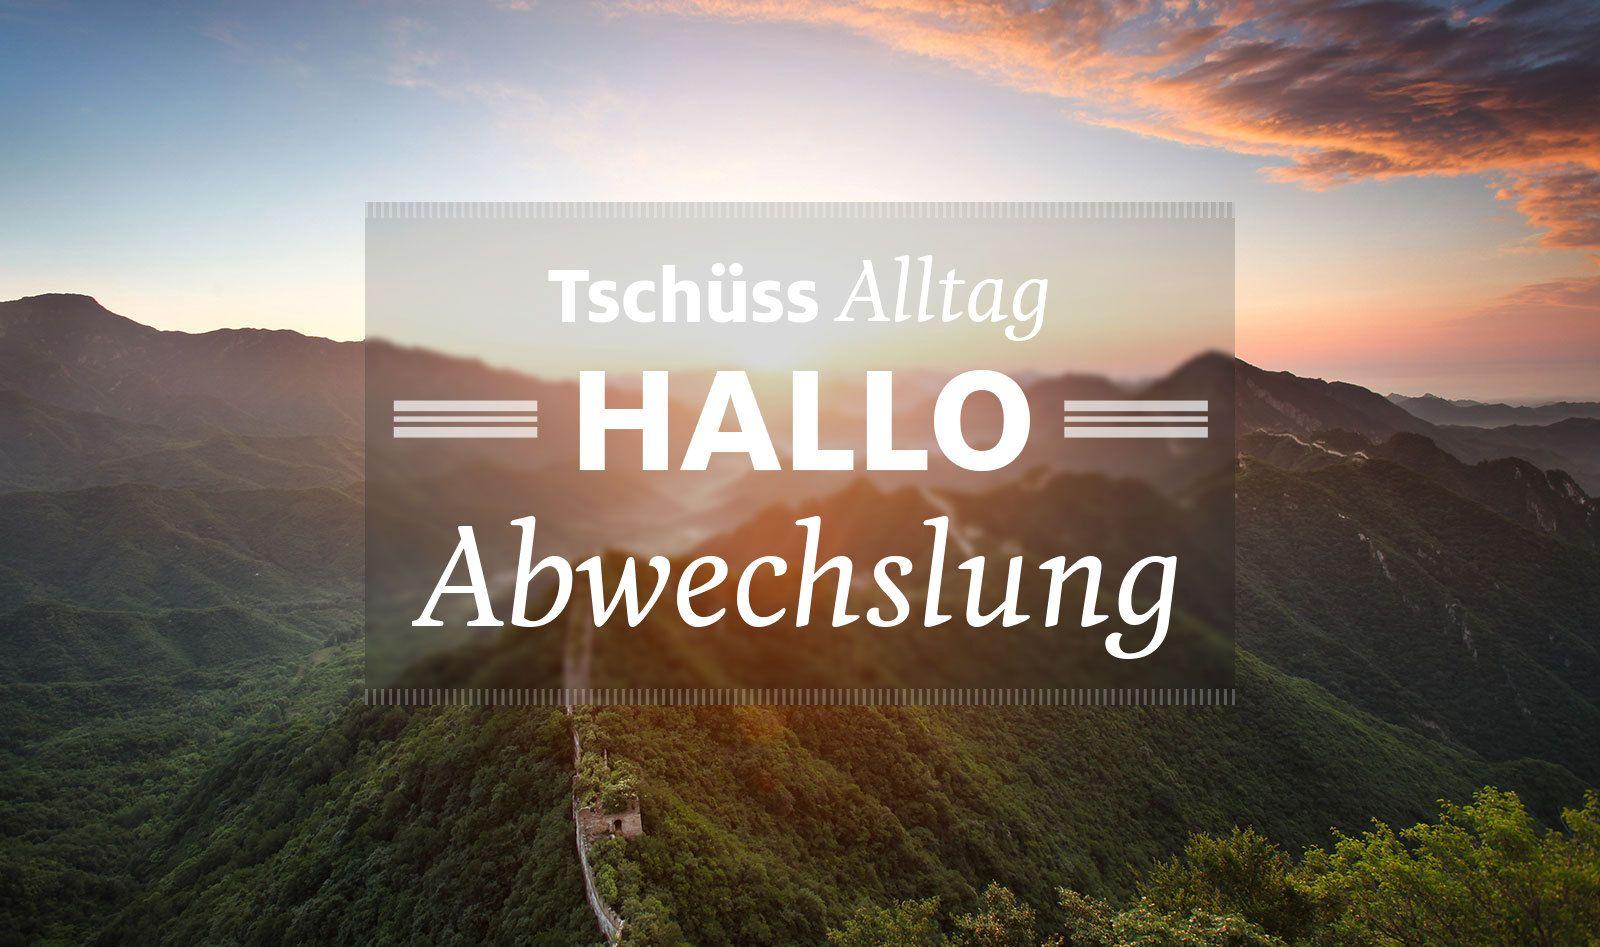 Tschüss Alltag, hallo Abwechslung #travelquote #travel ...